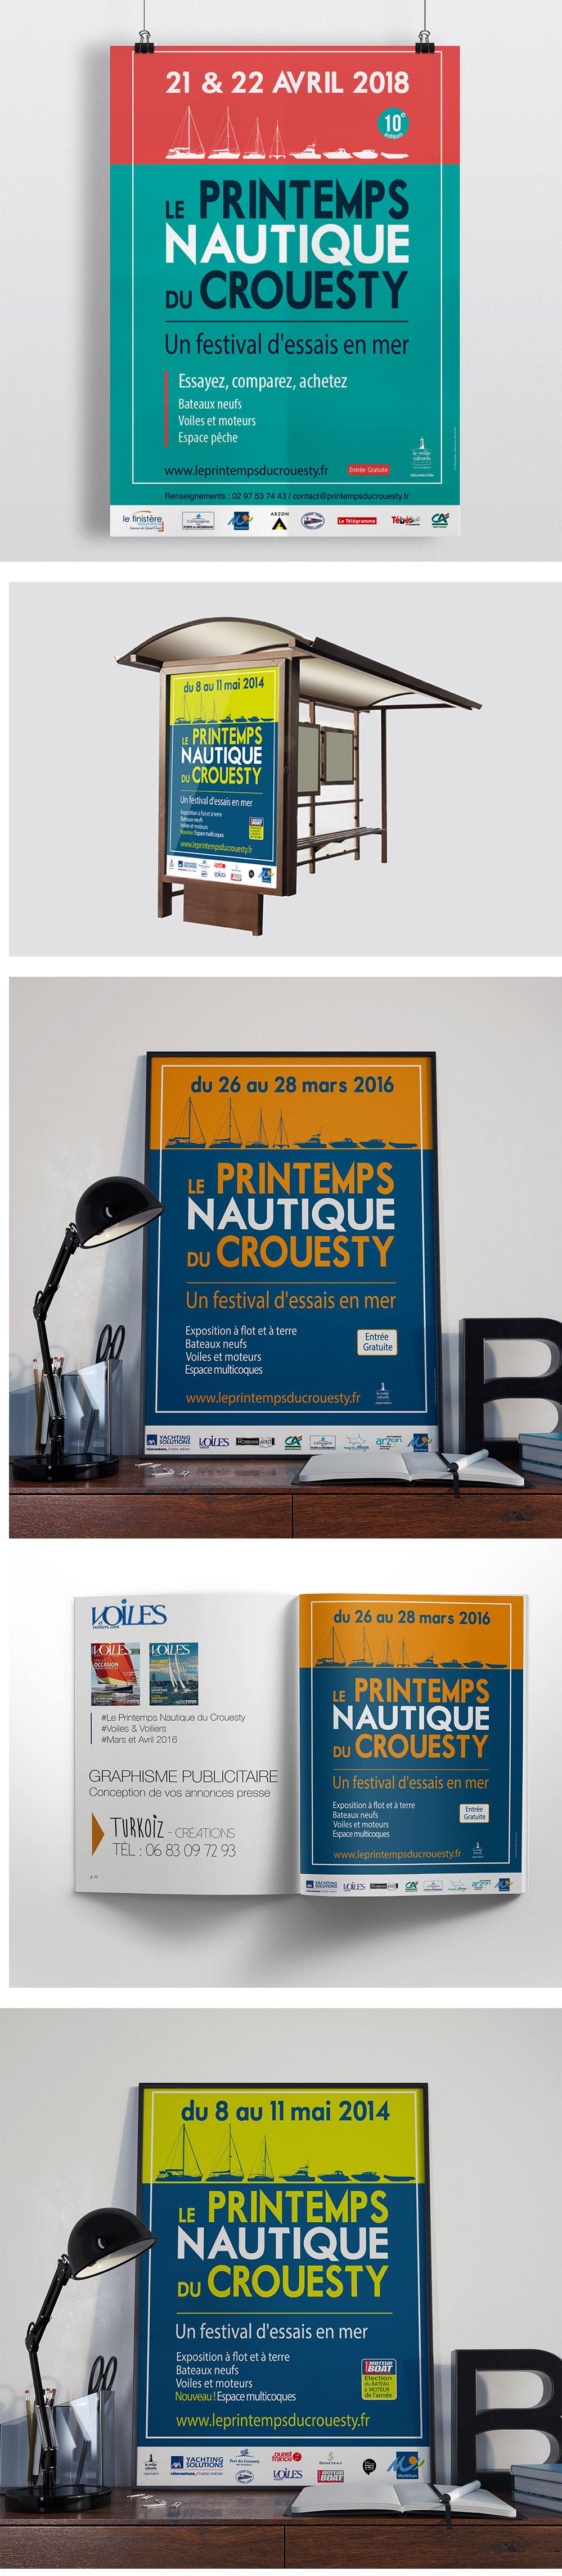 Identité Visuelle et Création Graphique - Printemps Nautique du Crouesty par Turkoiz Créations by Valérie Perrodo